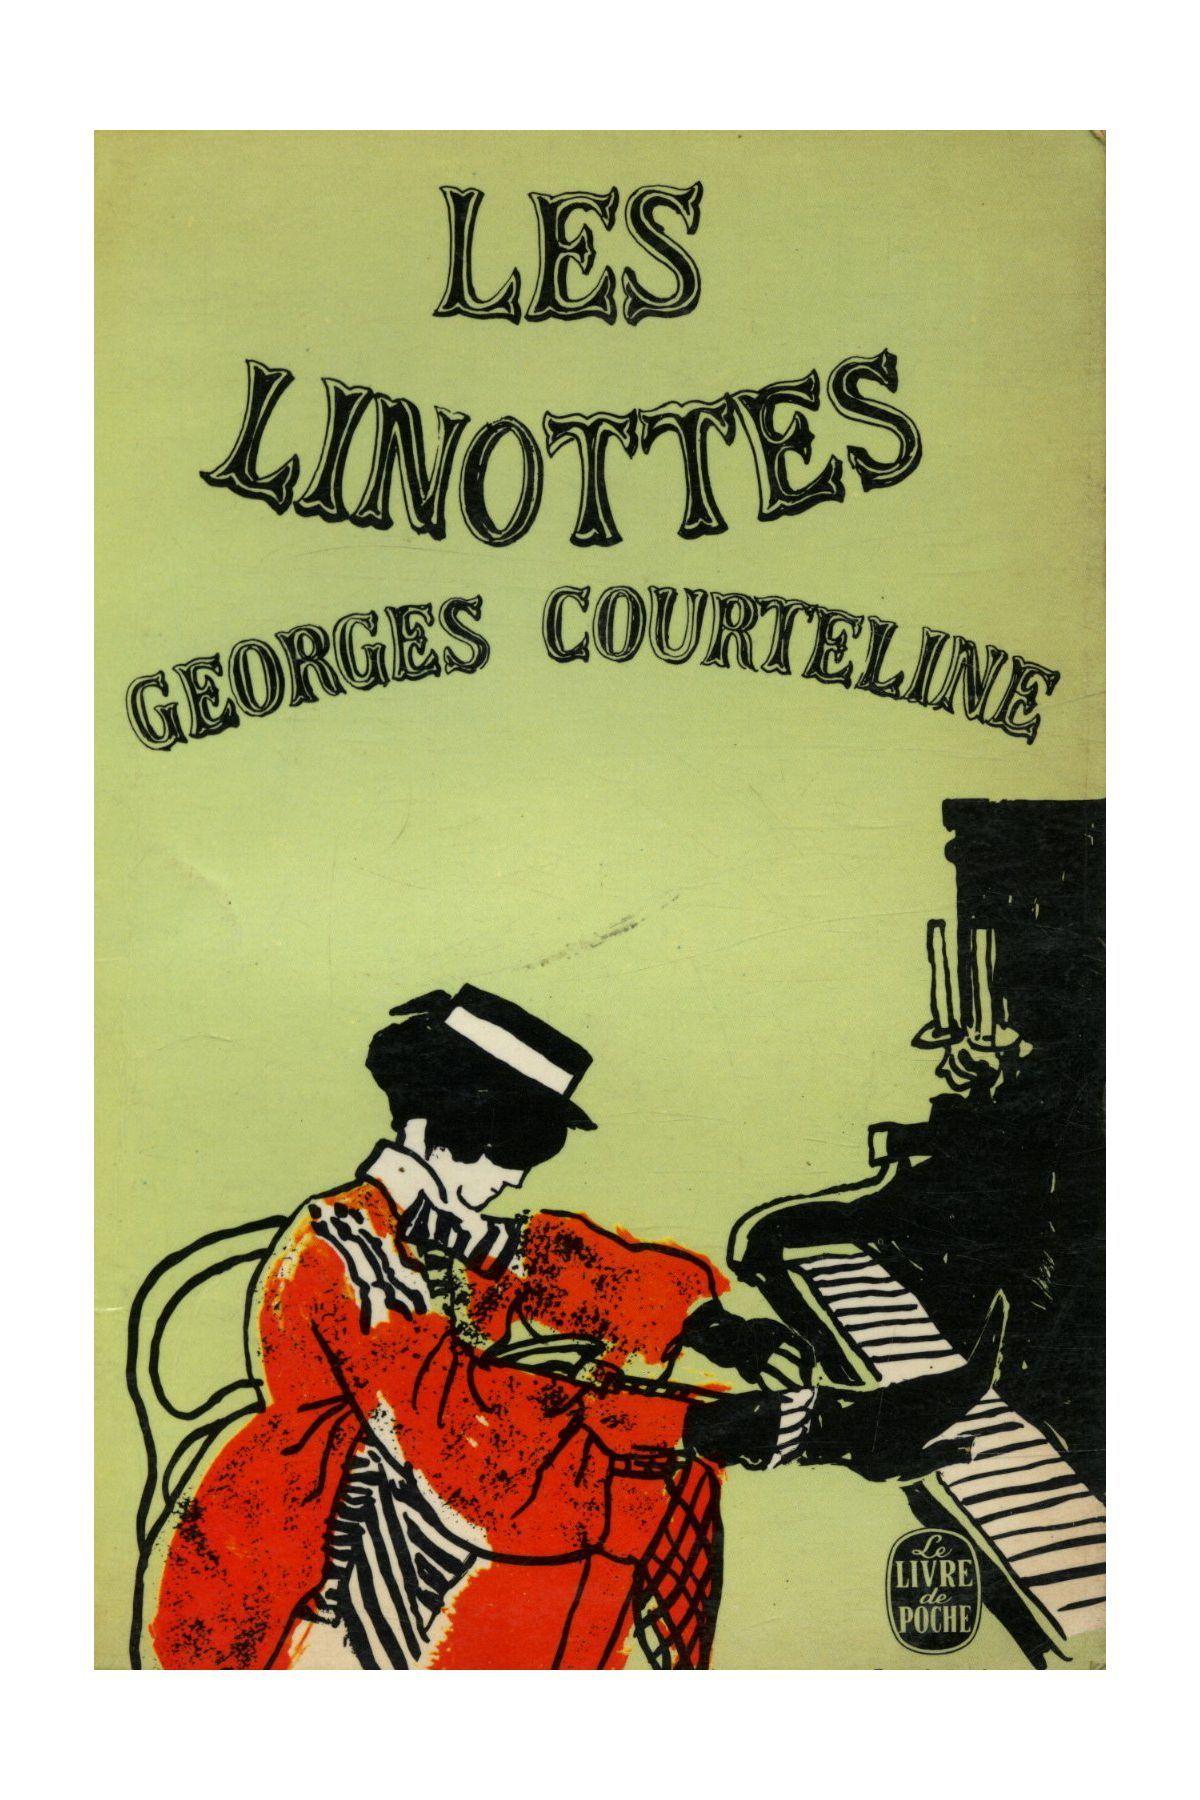 Les Linottes Georges Courteline Le Livre De Poche N 1616 1966